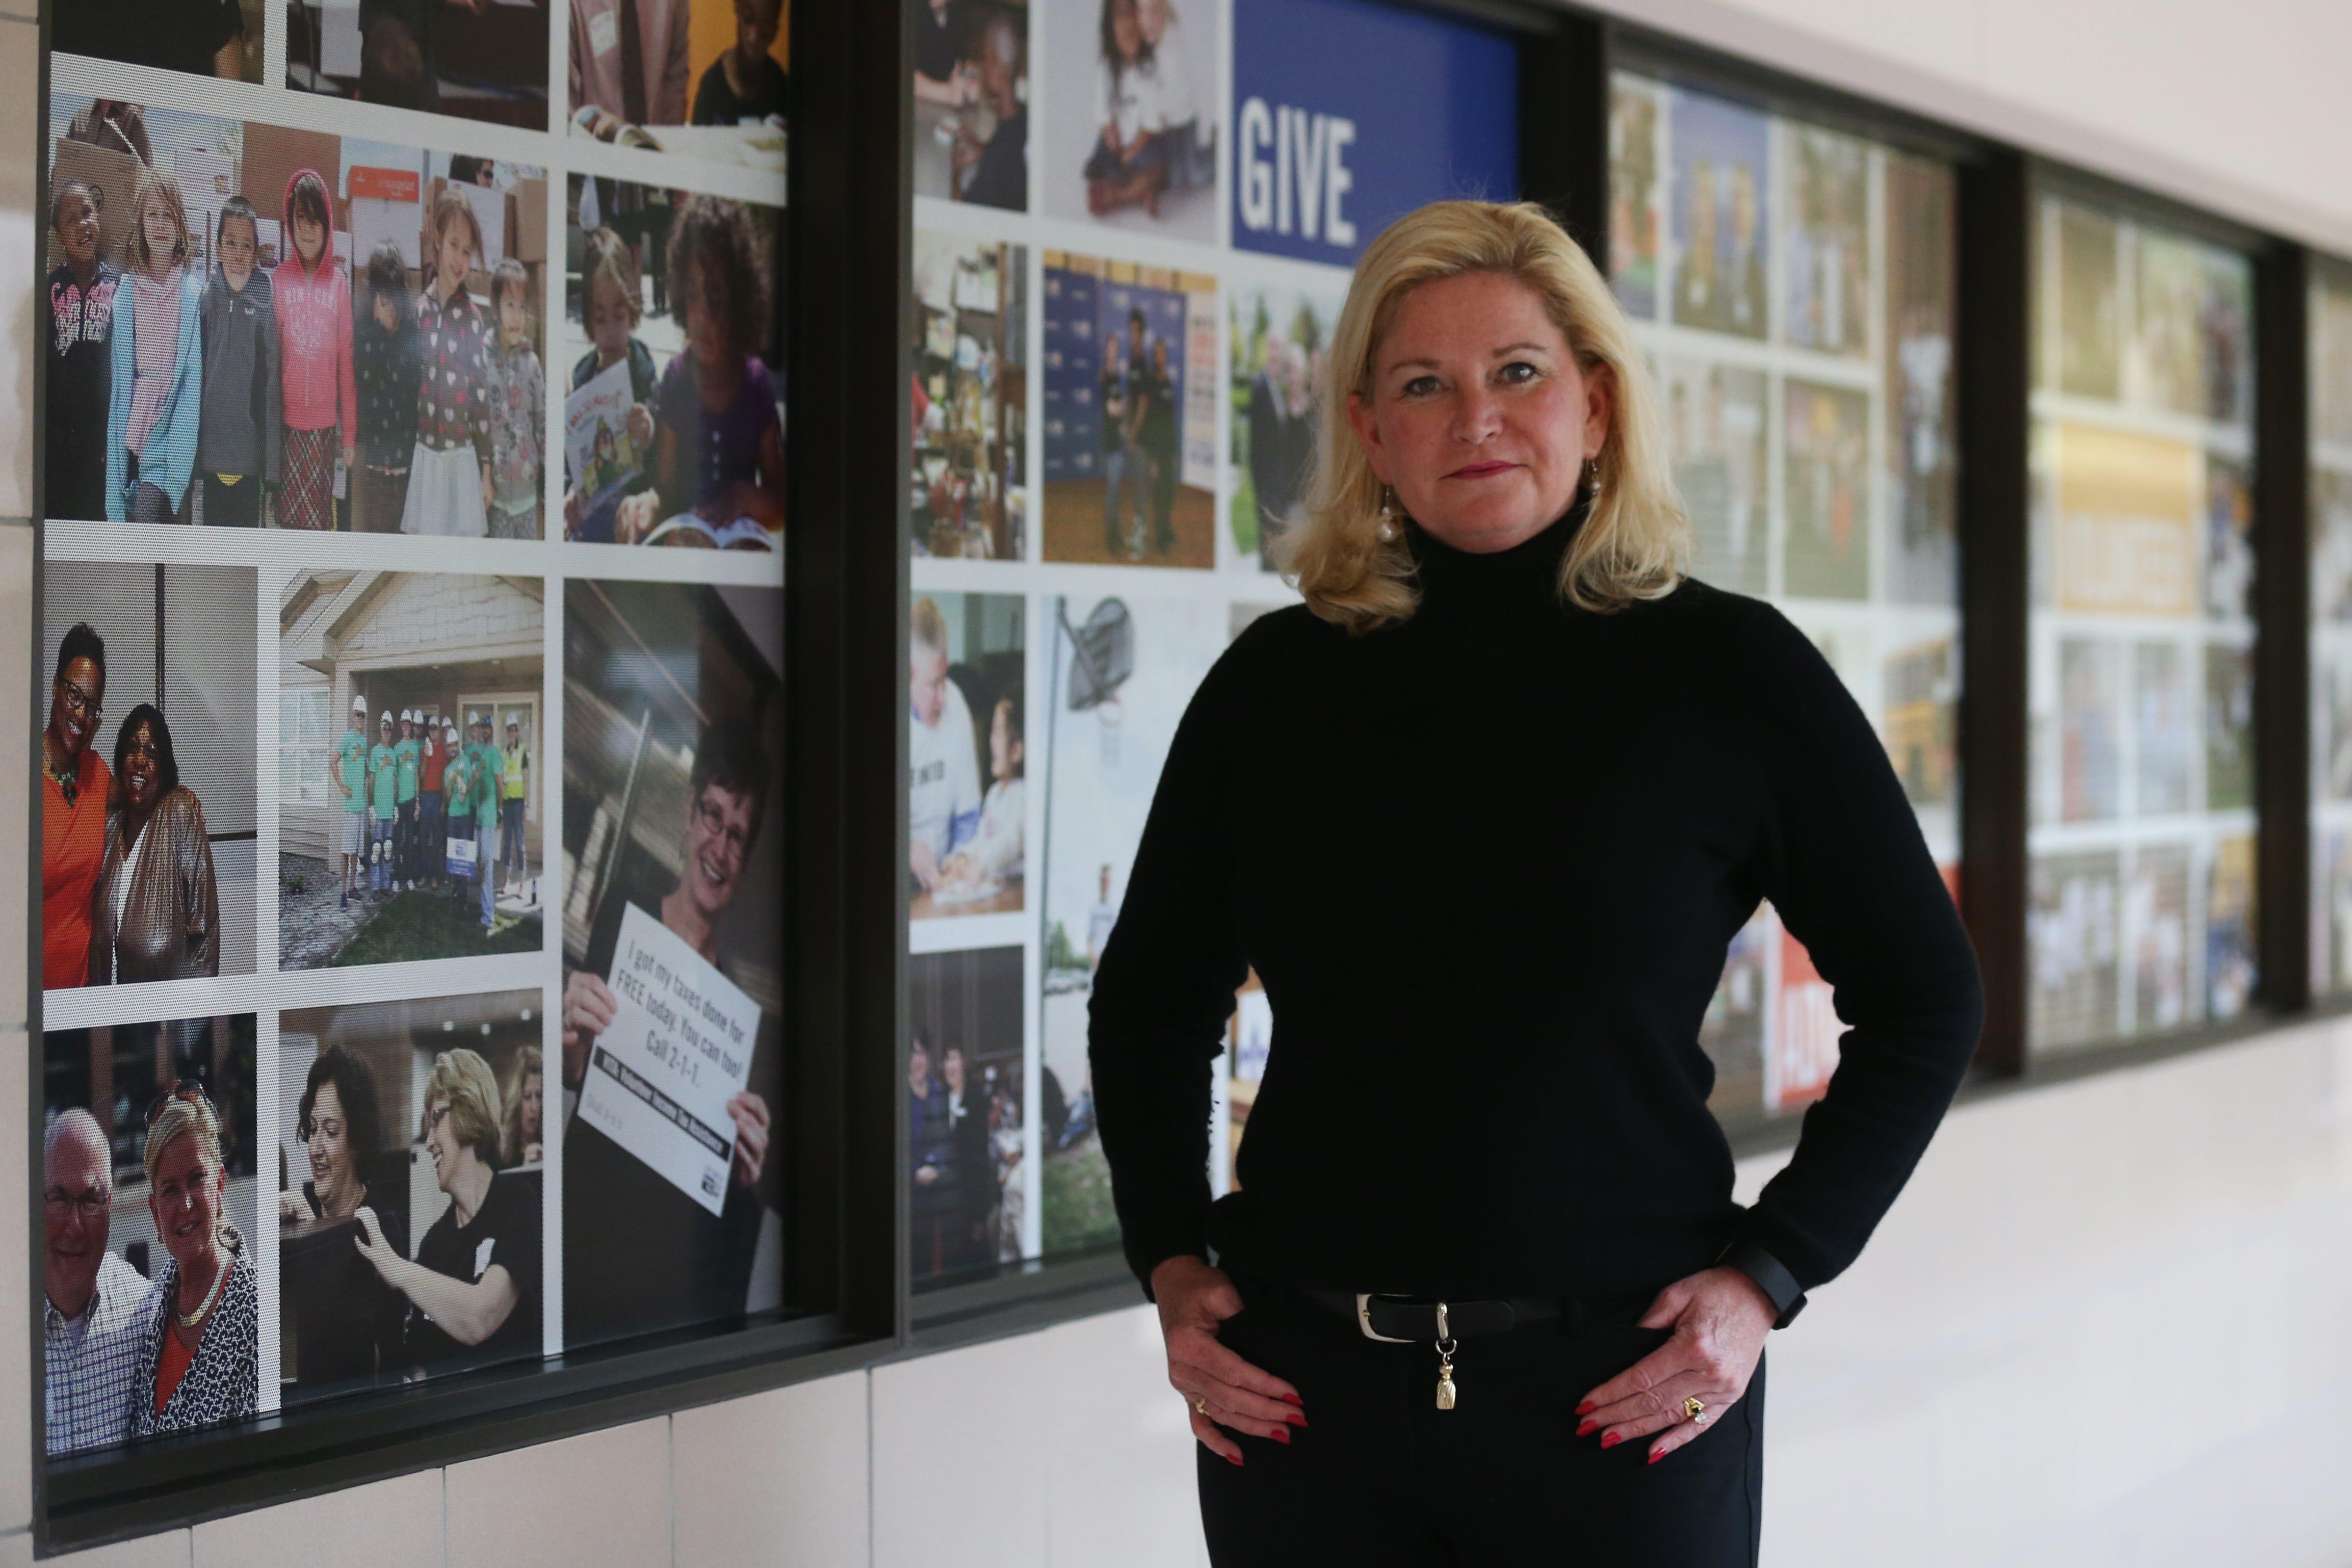 Inez Clough,Gail Davis Adult photos Maryna Linchuk BLR 5 2008-2011, 2013,Lillian Leighton